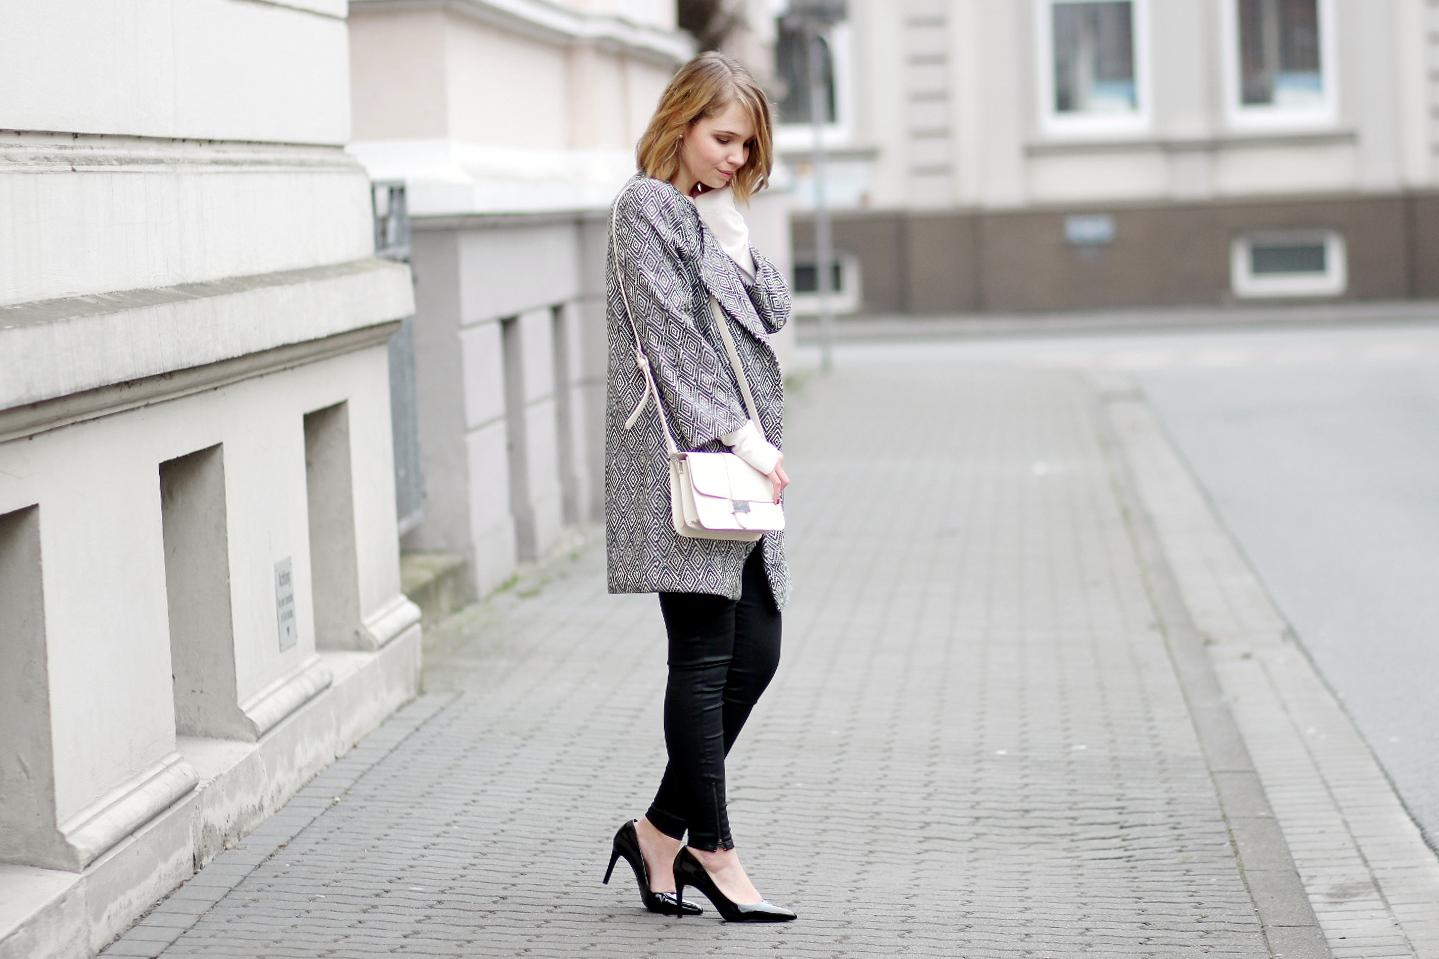 Bezaubernde Nana, bezauberndenana.de, Fashionblog, Modeblog, Deutschland, Outfit mit schwarz-weißem Mantel, Frühlingsmantel von H&M, rosa Pullover von Reserved, schwarze Hose von Mango, schwarze Lack Pumps von Zara, Frühlingsoutfit, Streetstyle